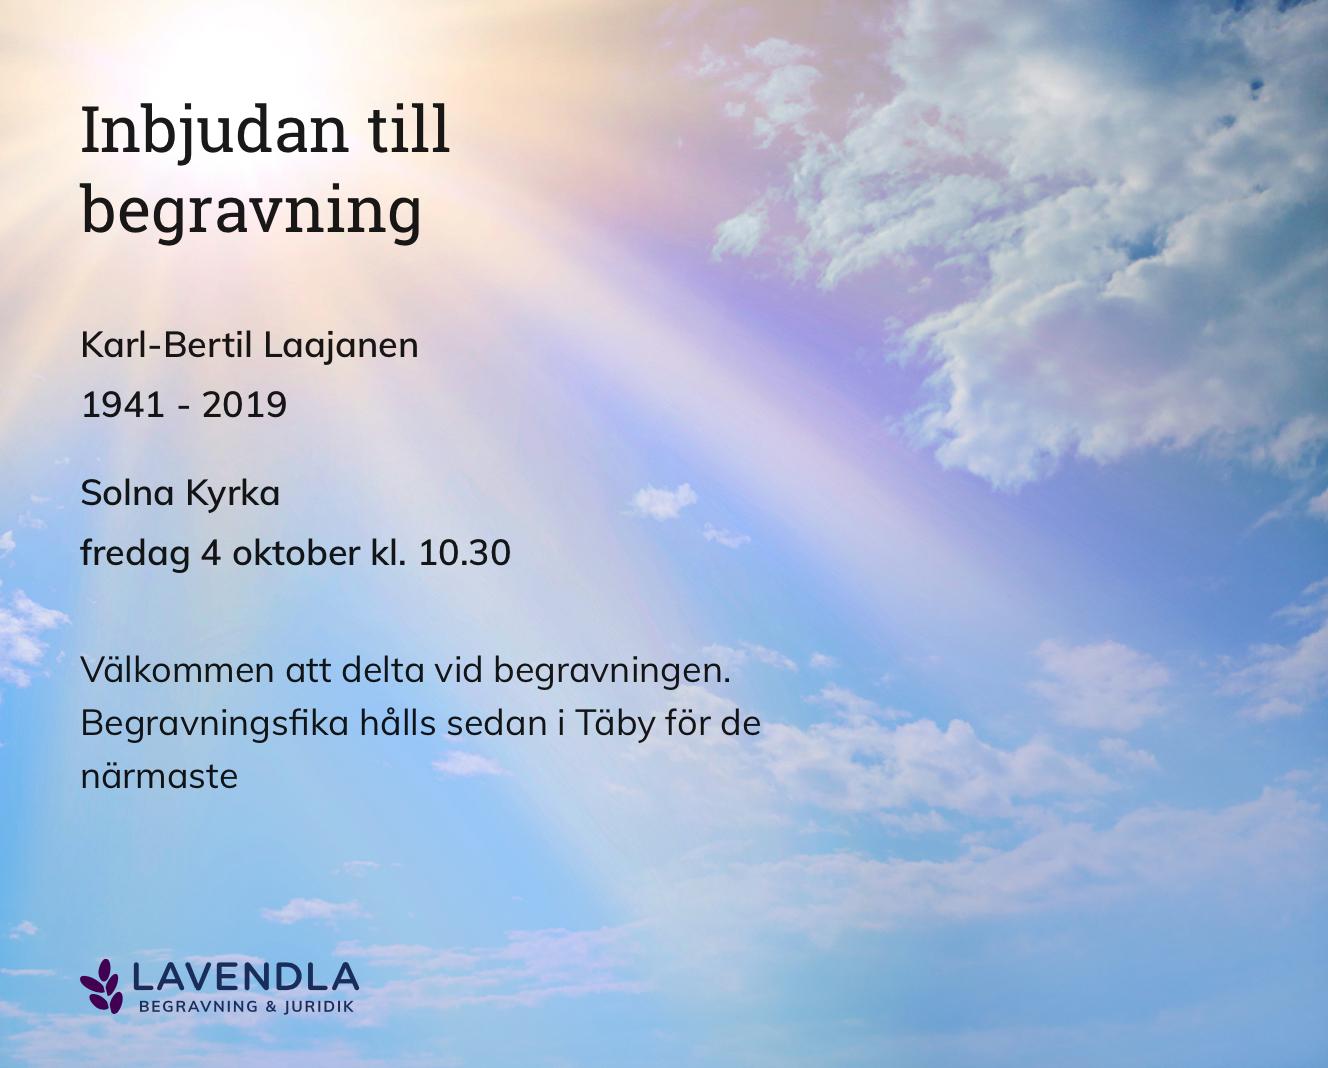 Inbjudningskort till ceremonin för Karl-Bertil Laajanen